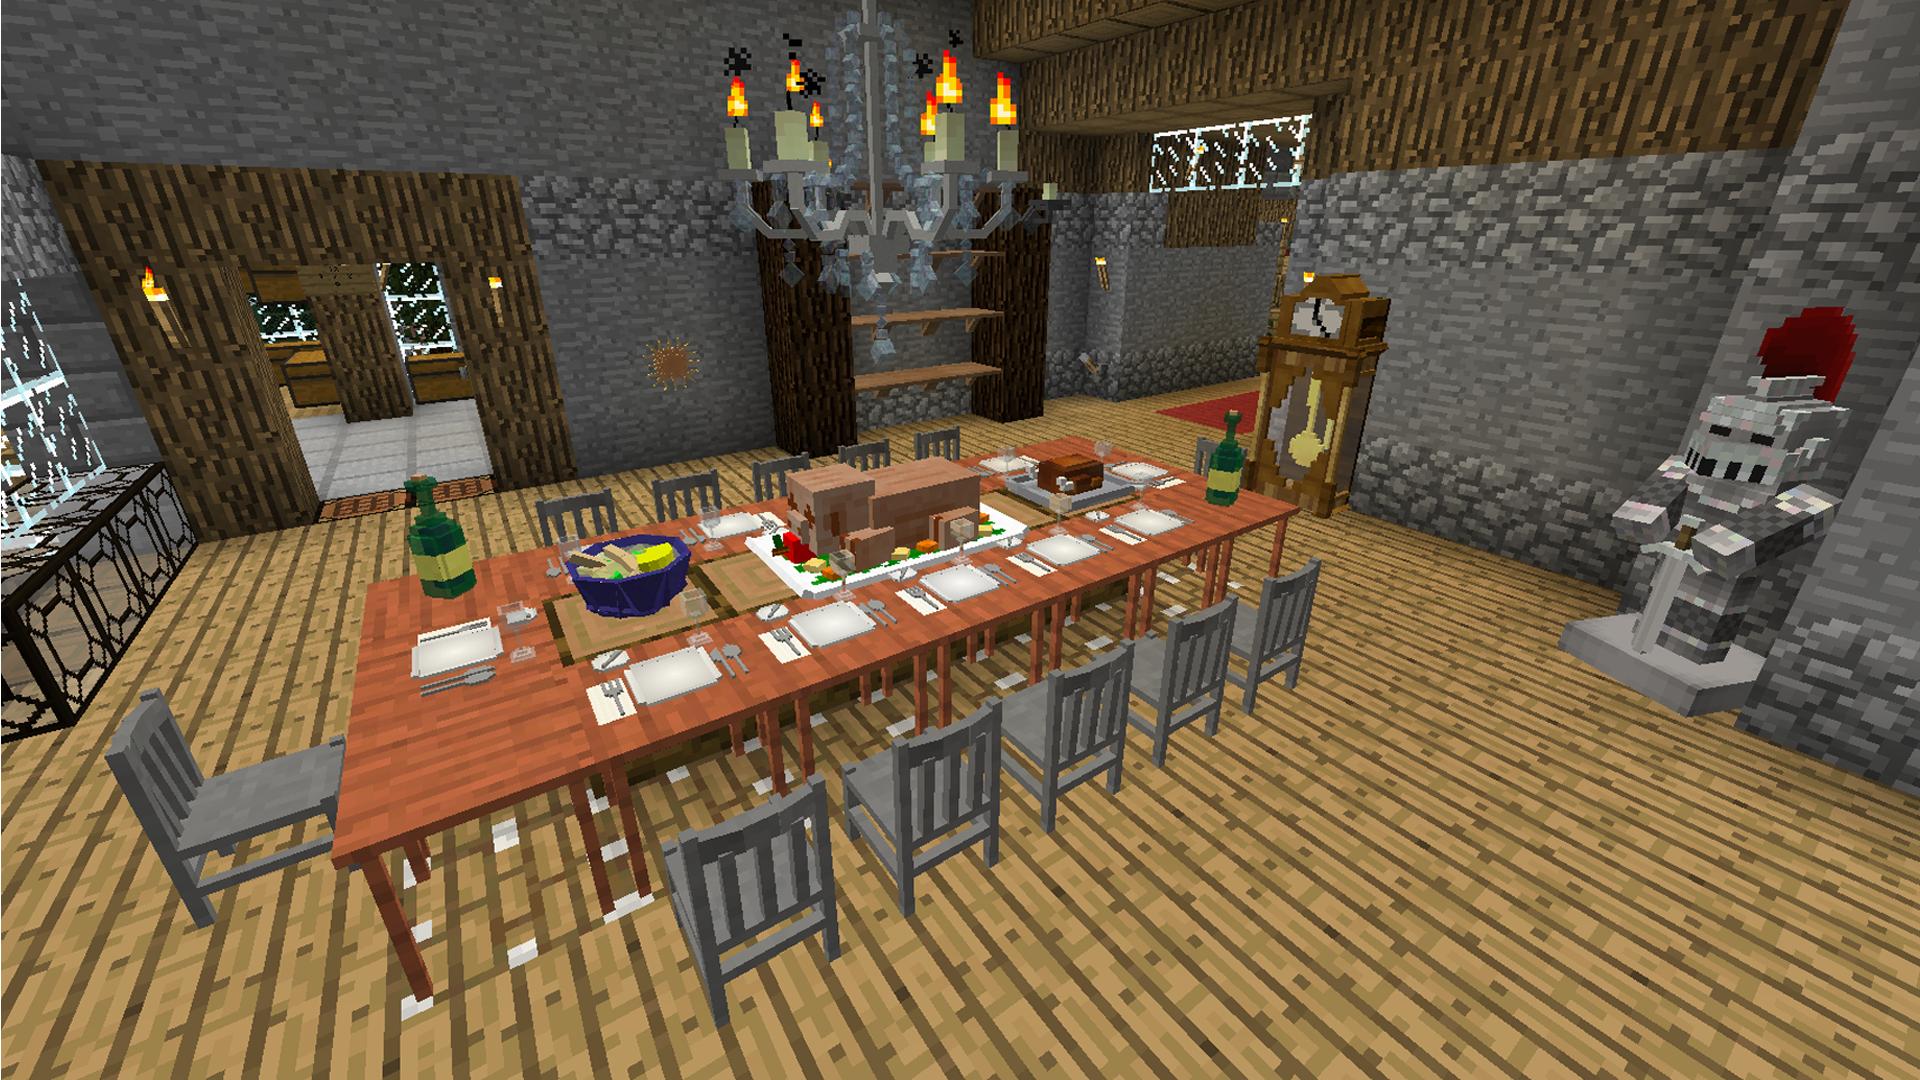 Minecraft Furniture Bedroom Decocraft Minecraft Mods